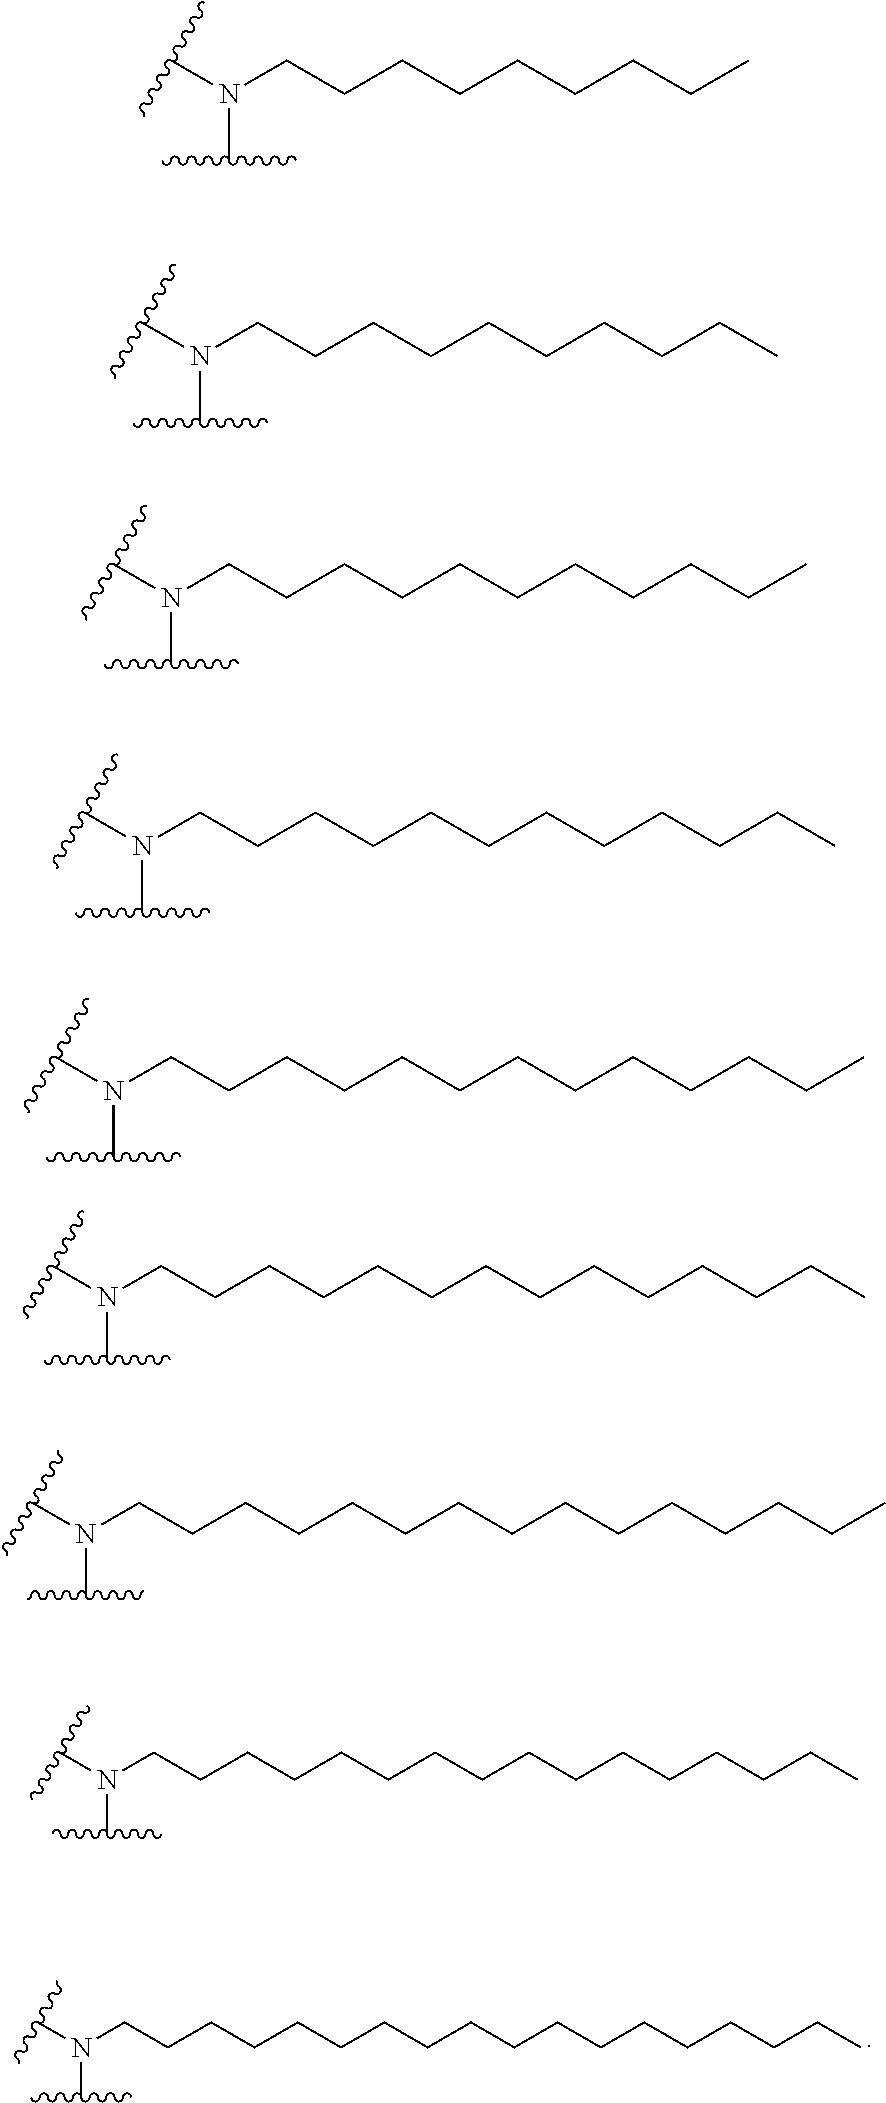 Figure US20110009641A1-20110113-C00033